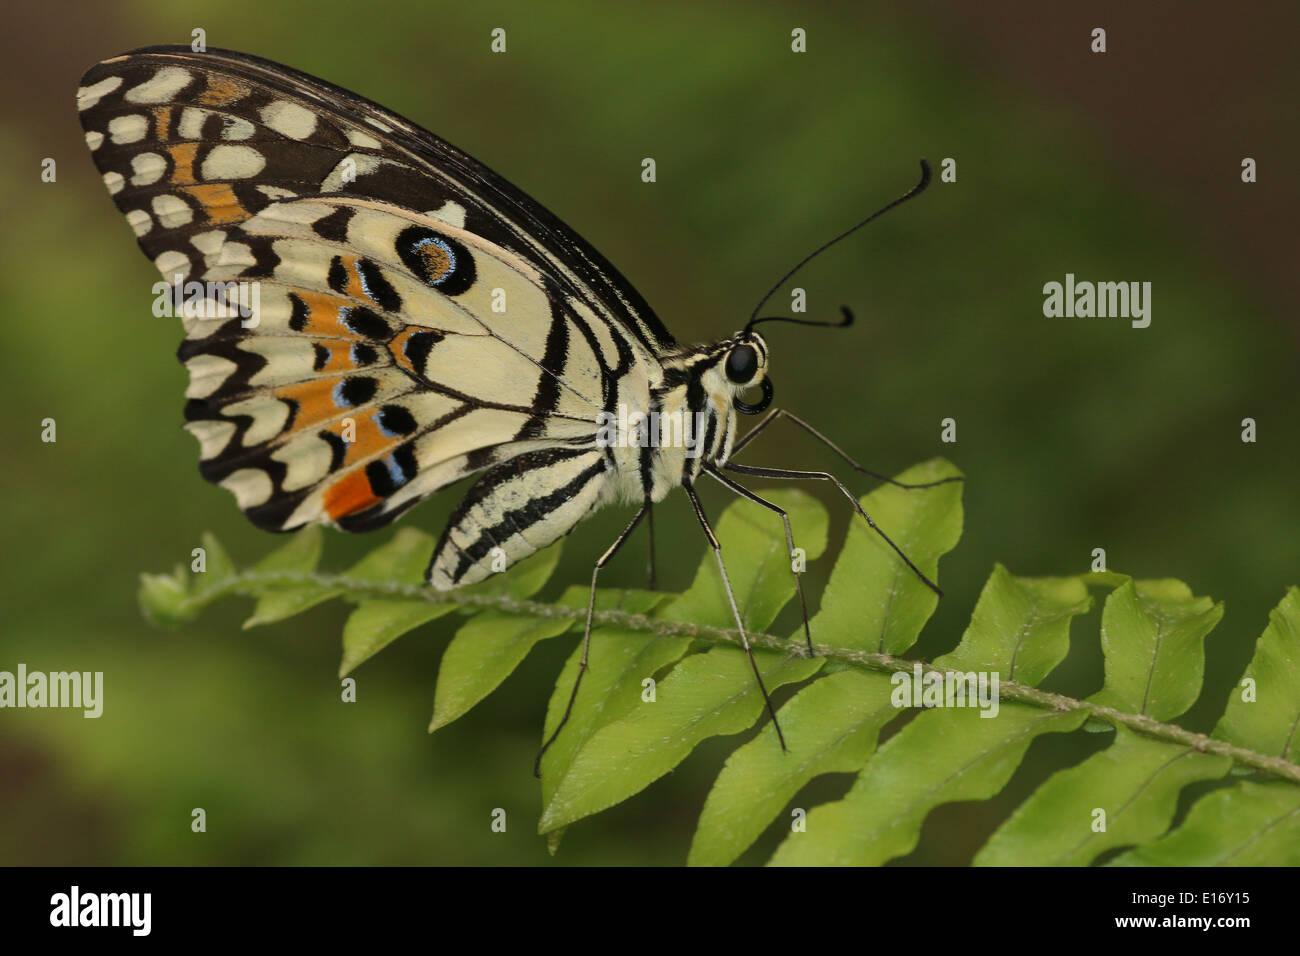 A coda di rondine a scacchi (Papilio demoleus) a.k.a. Farfalla di limone, calce Butterfly, calce a coda di rondine o piccole farfalle di agrumi Immagini Stock